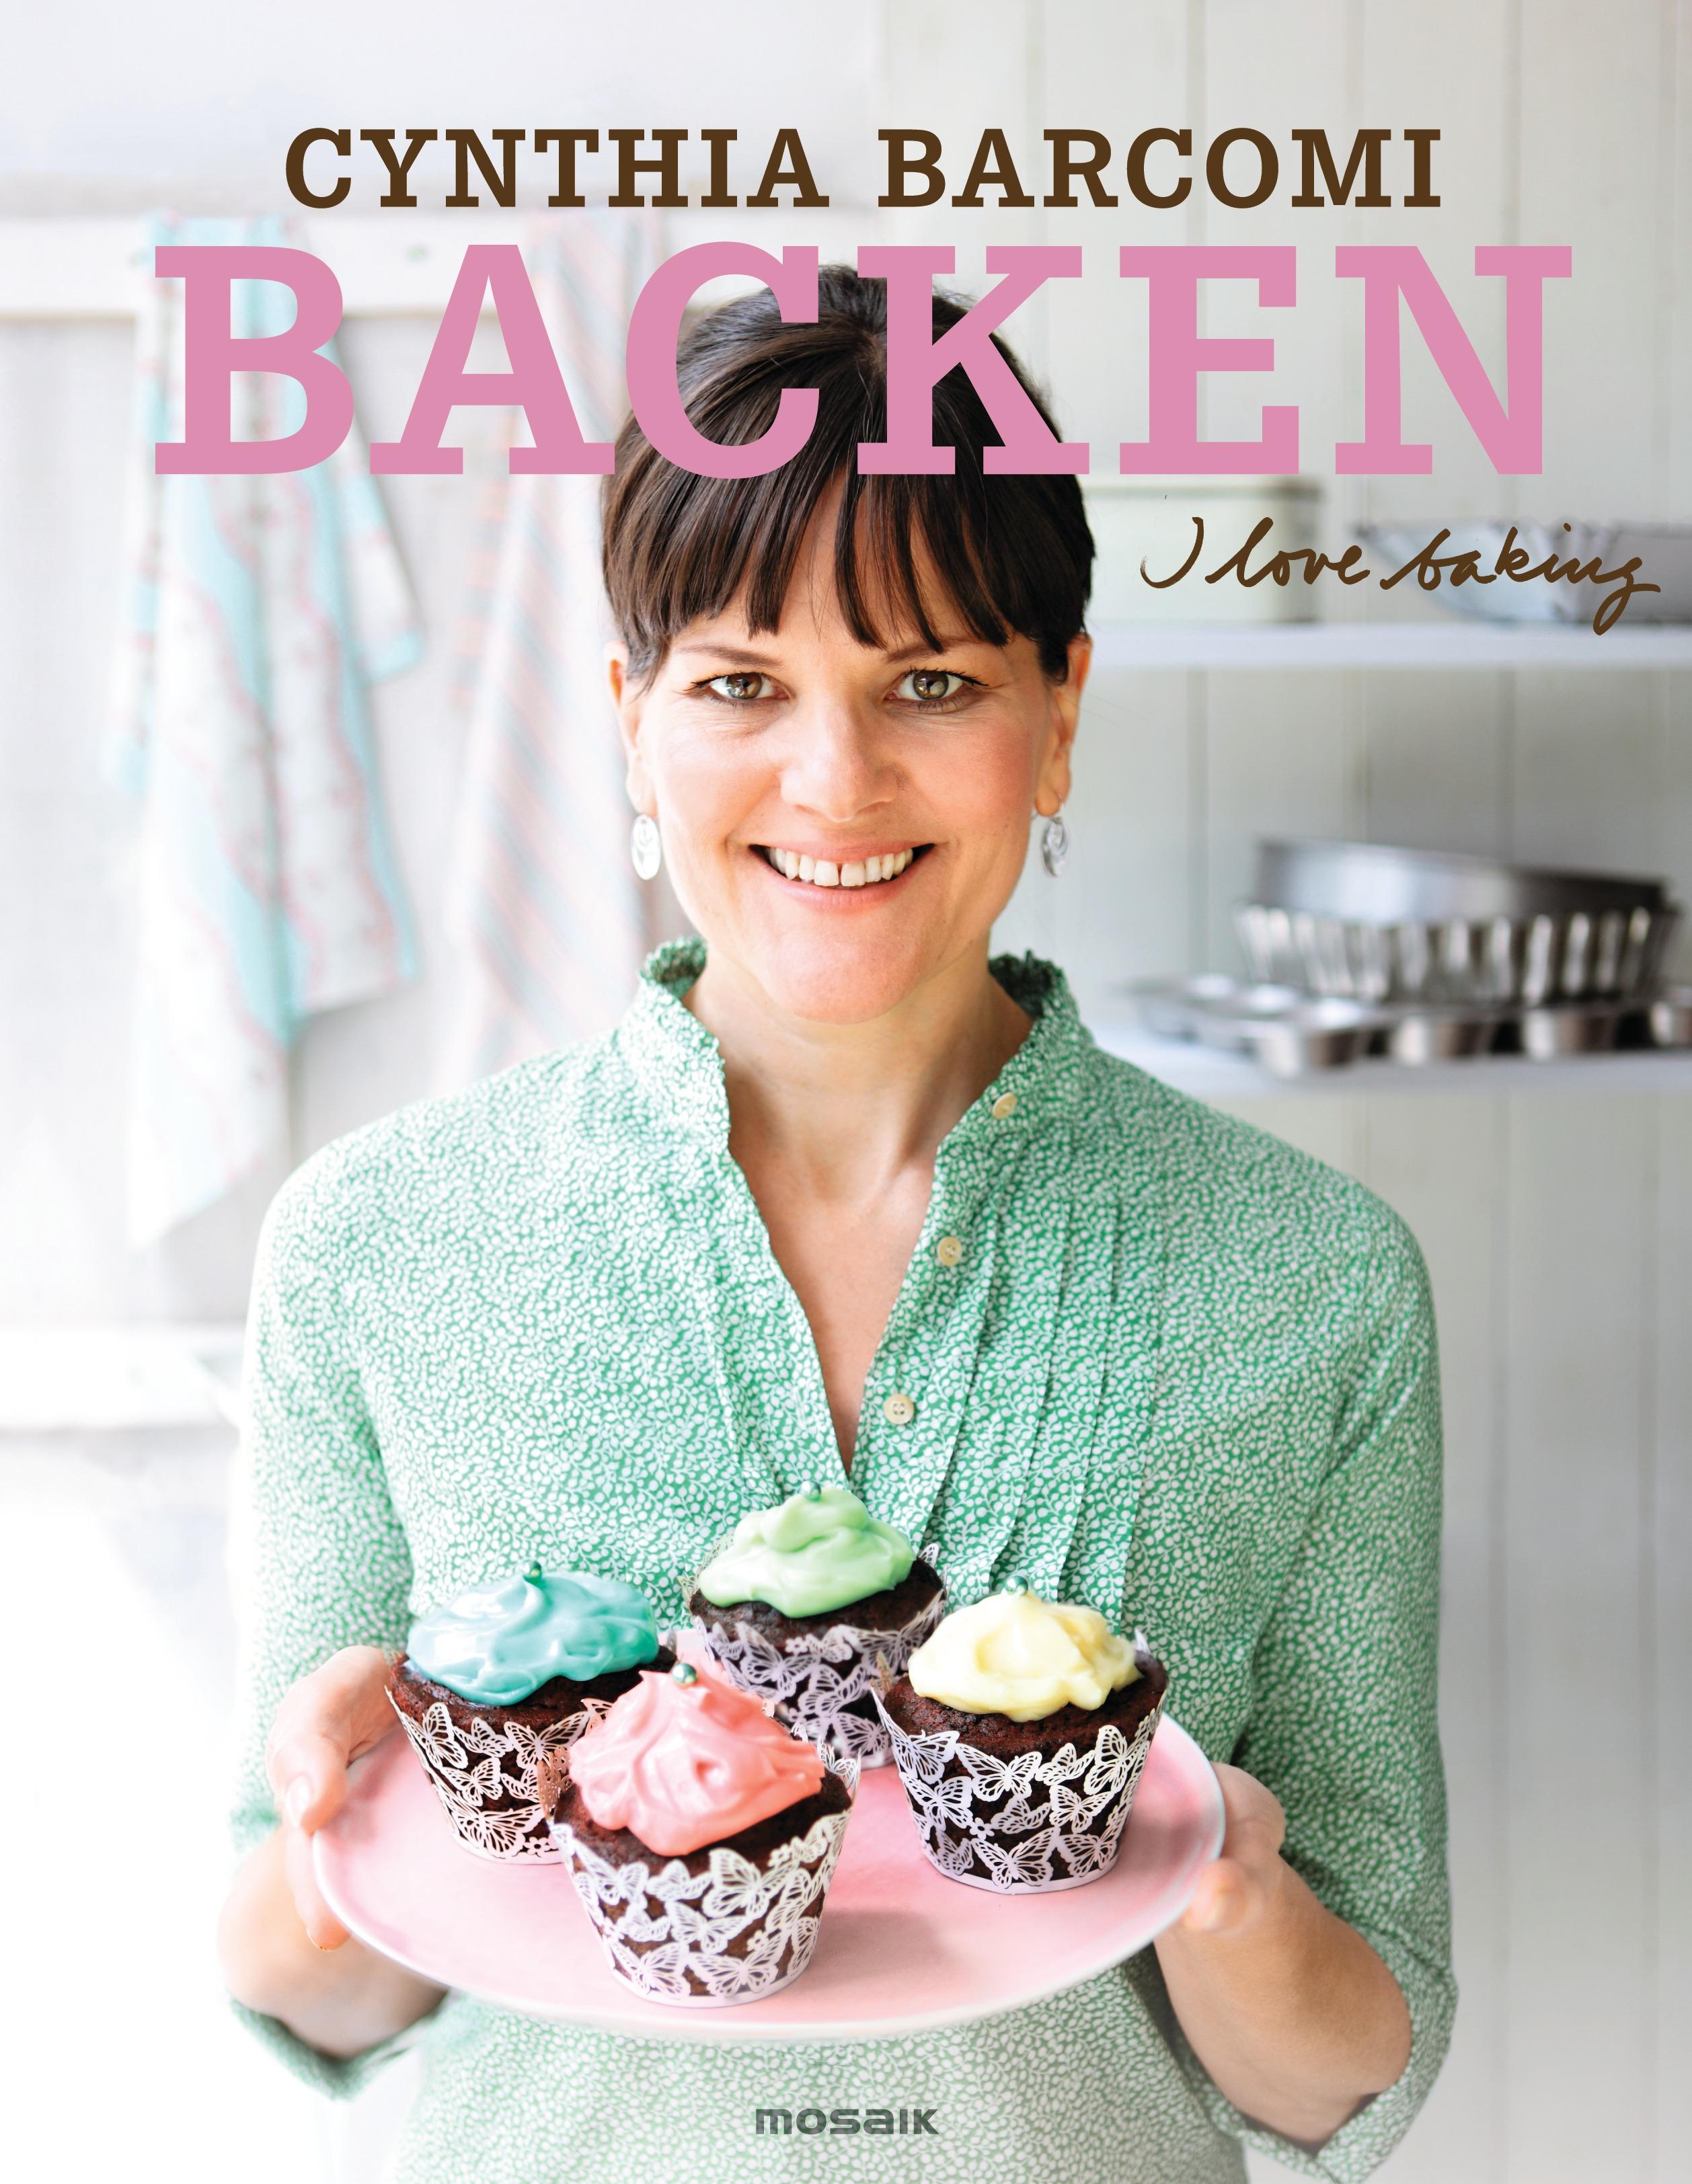 Backen: I love baking - Cynthia Barcomi